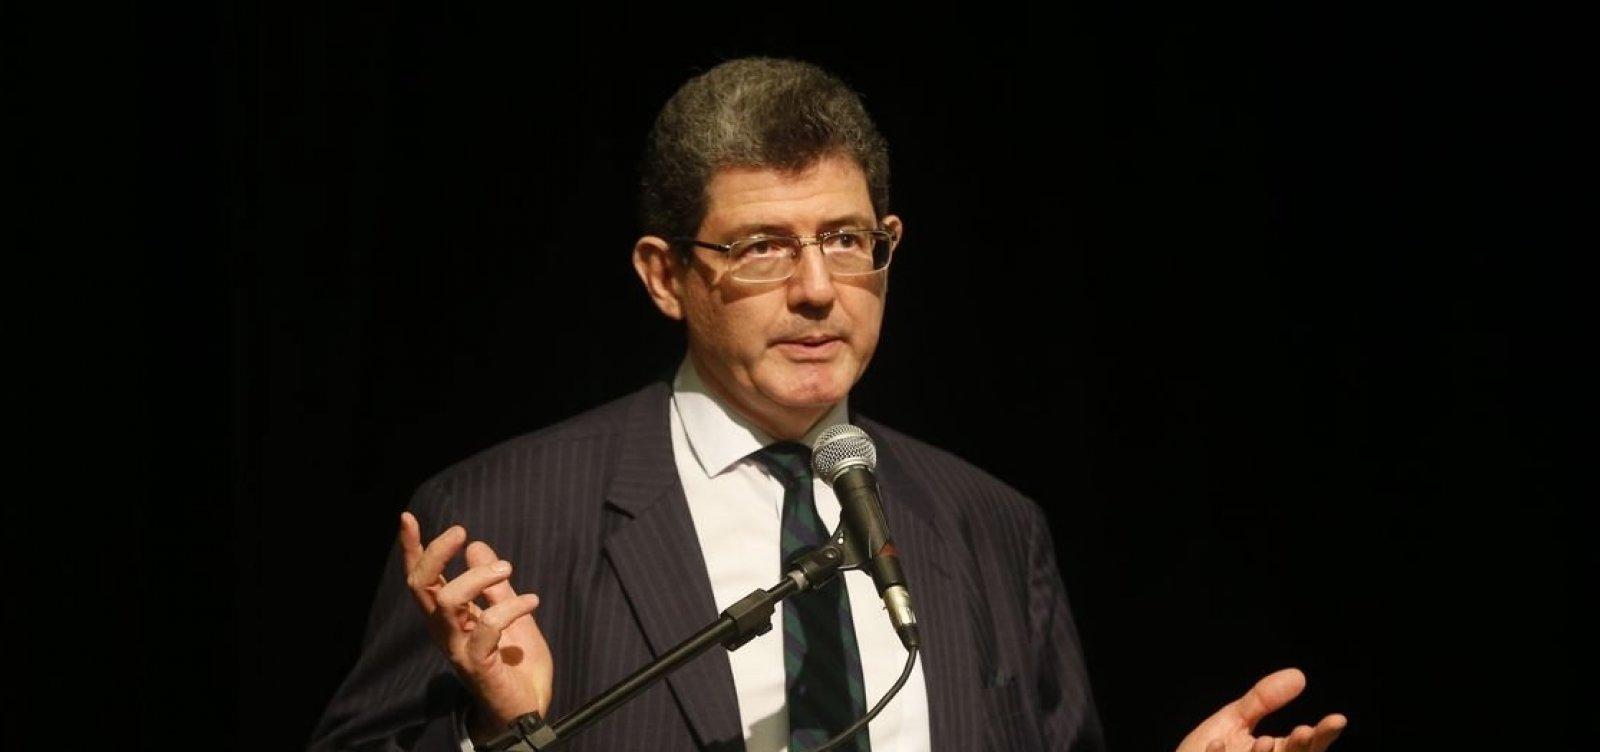 ['Privatização da Eletrobras continua em discussão', diz presidente do BNDES]